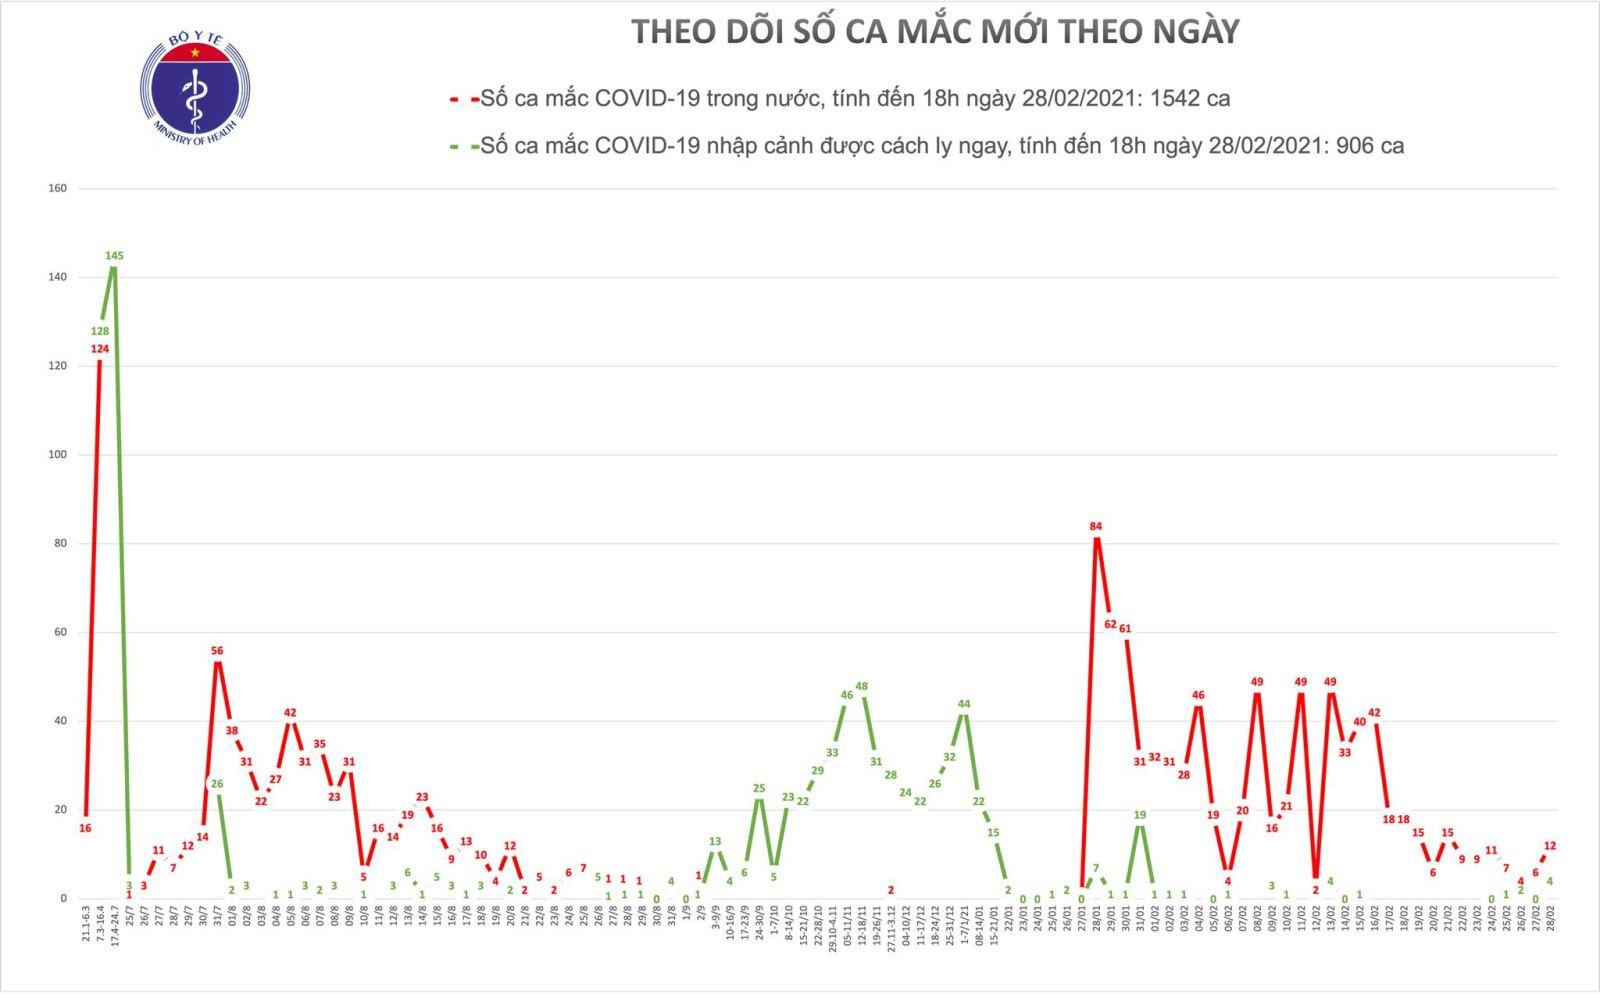 Chiều 28/2 có thêm 16 ca mắc mới COVID-19, trong đó 4 ca nhập cảnh tại Tây Ninh và Đồng Tháp 1